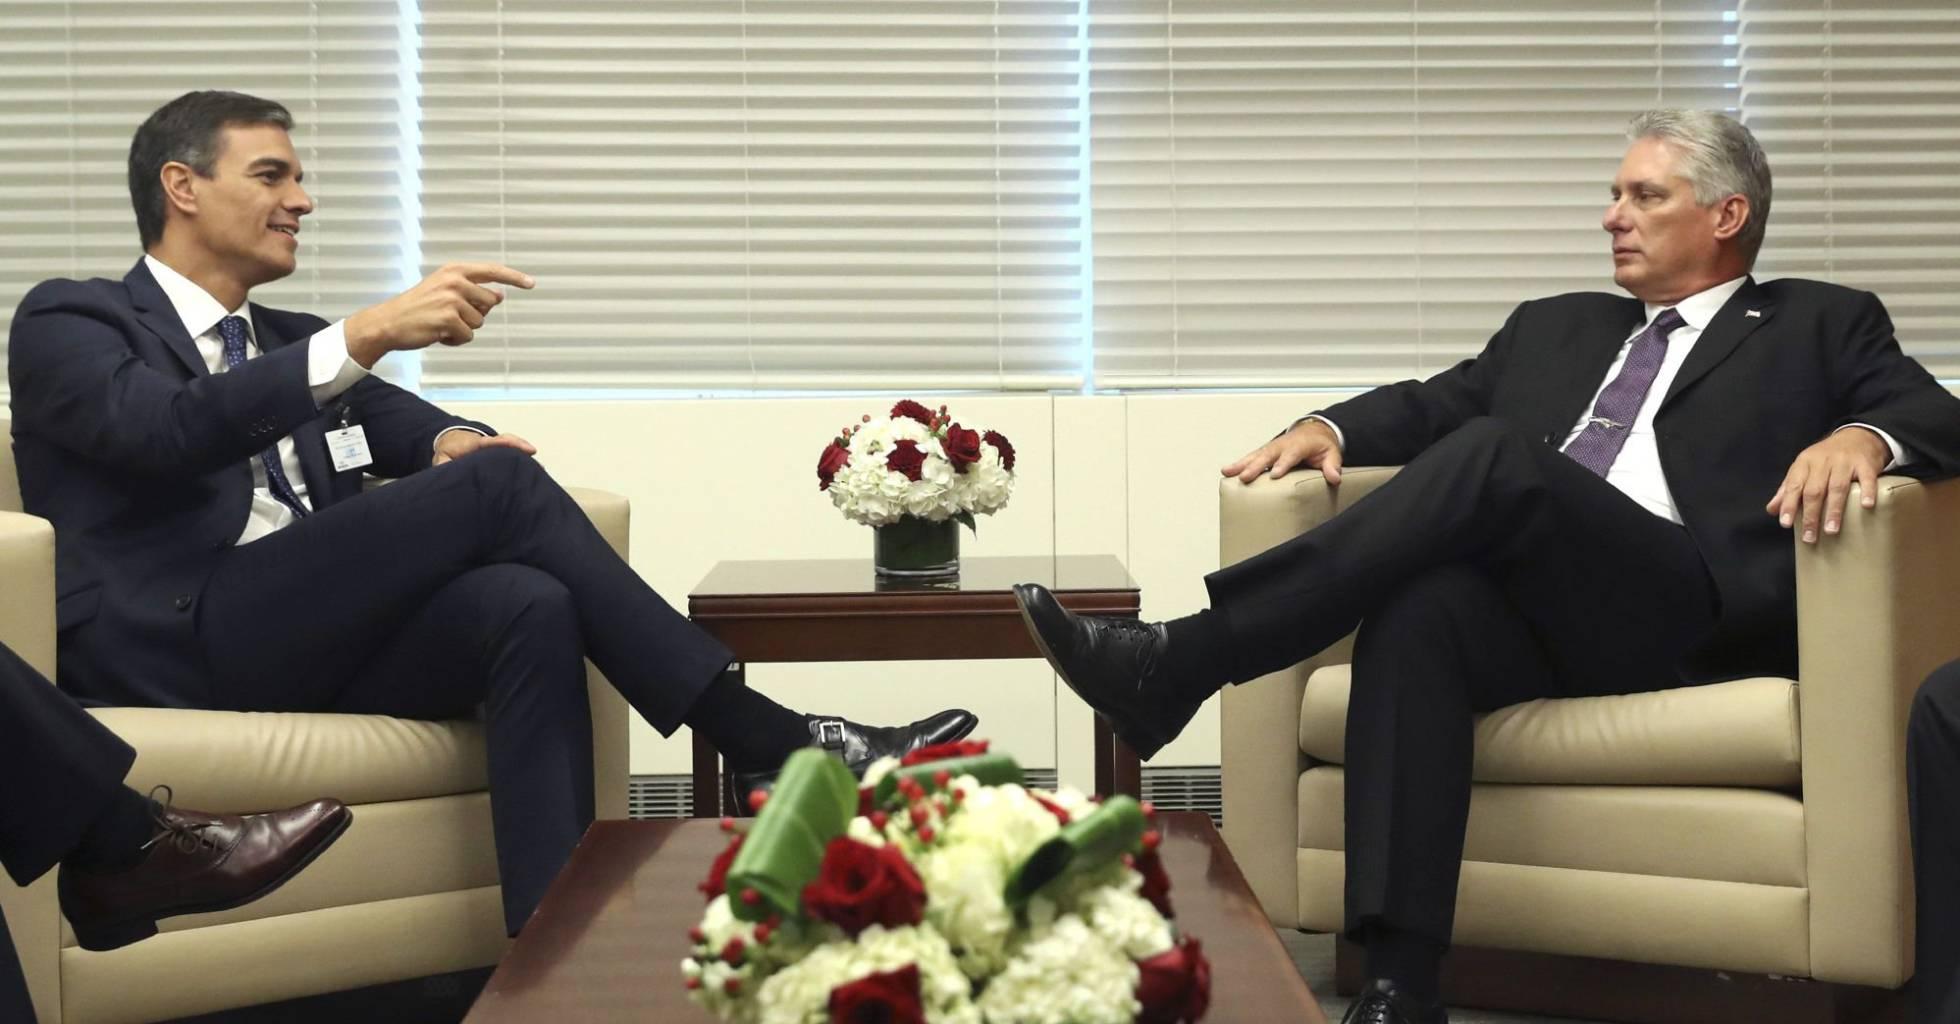 El presidente de España, Pedro Sánchez, viajará en noviembre a Cuba